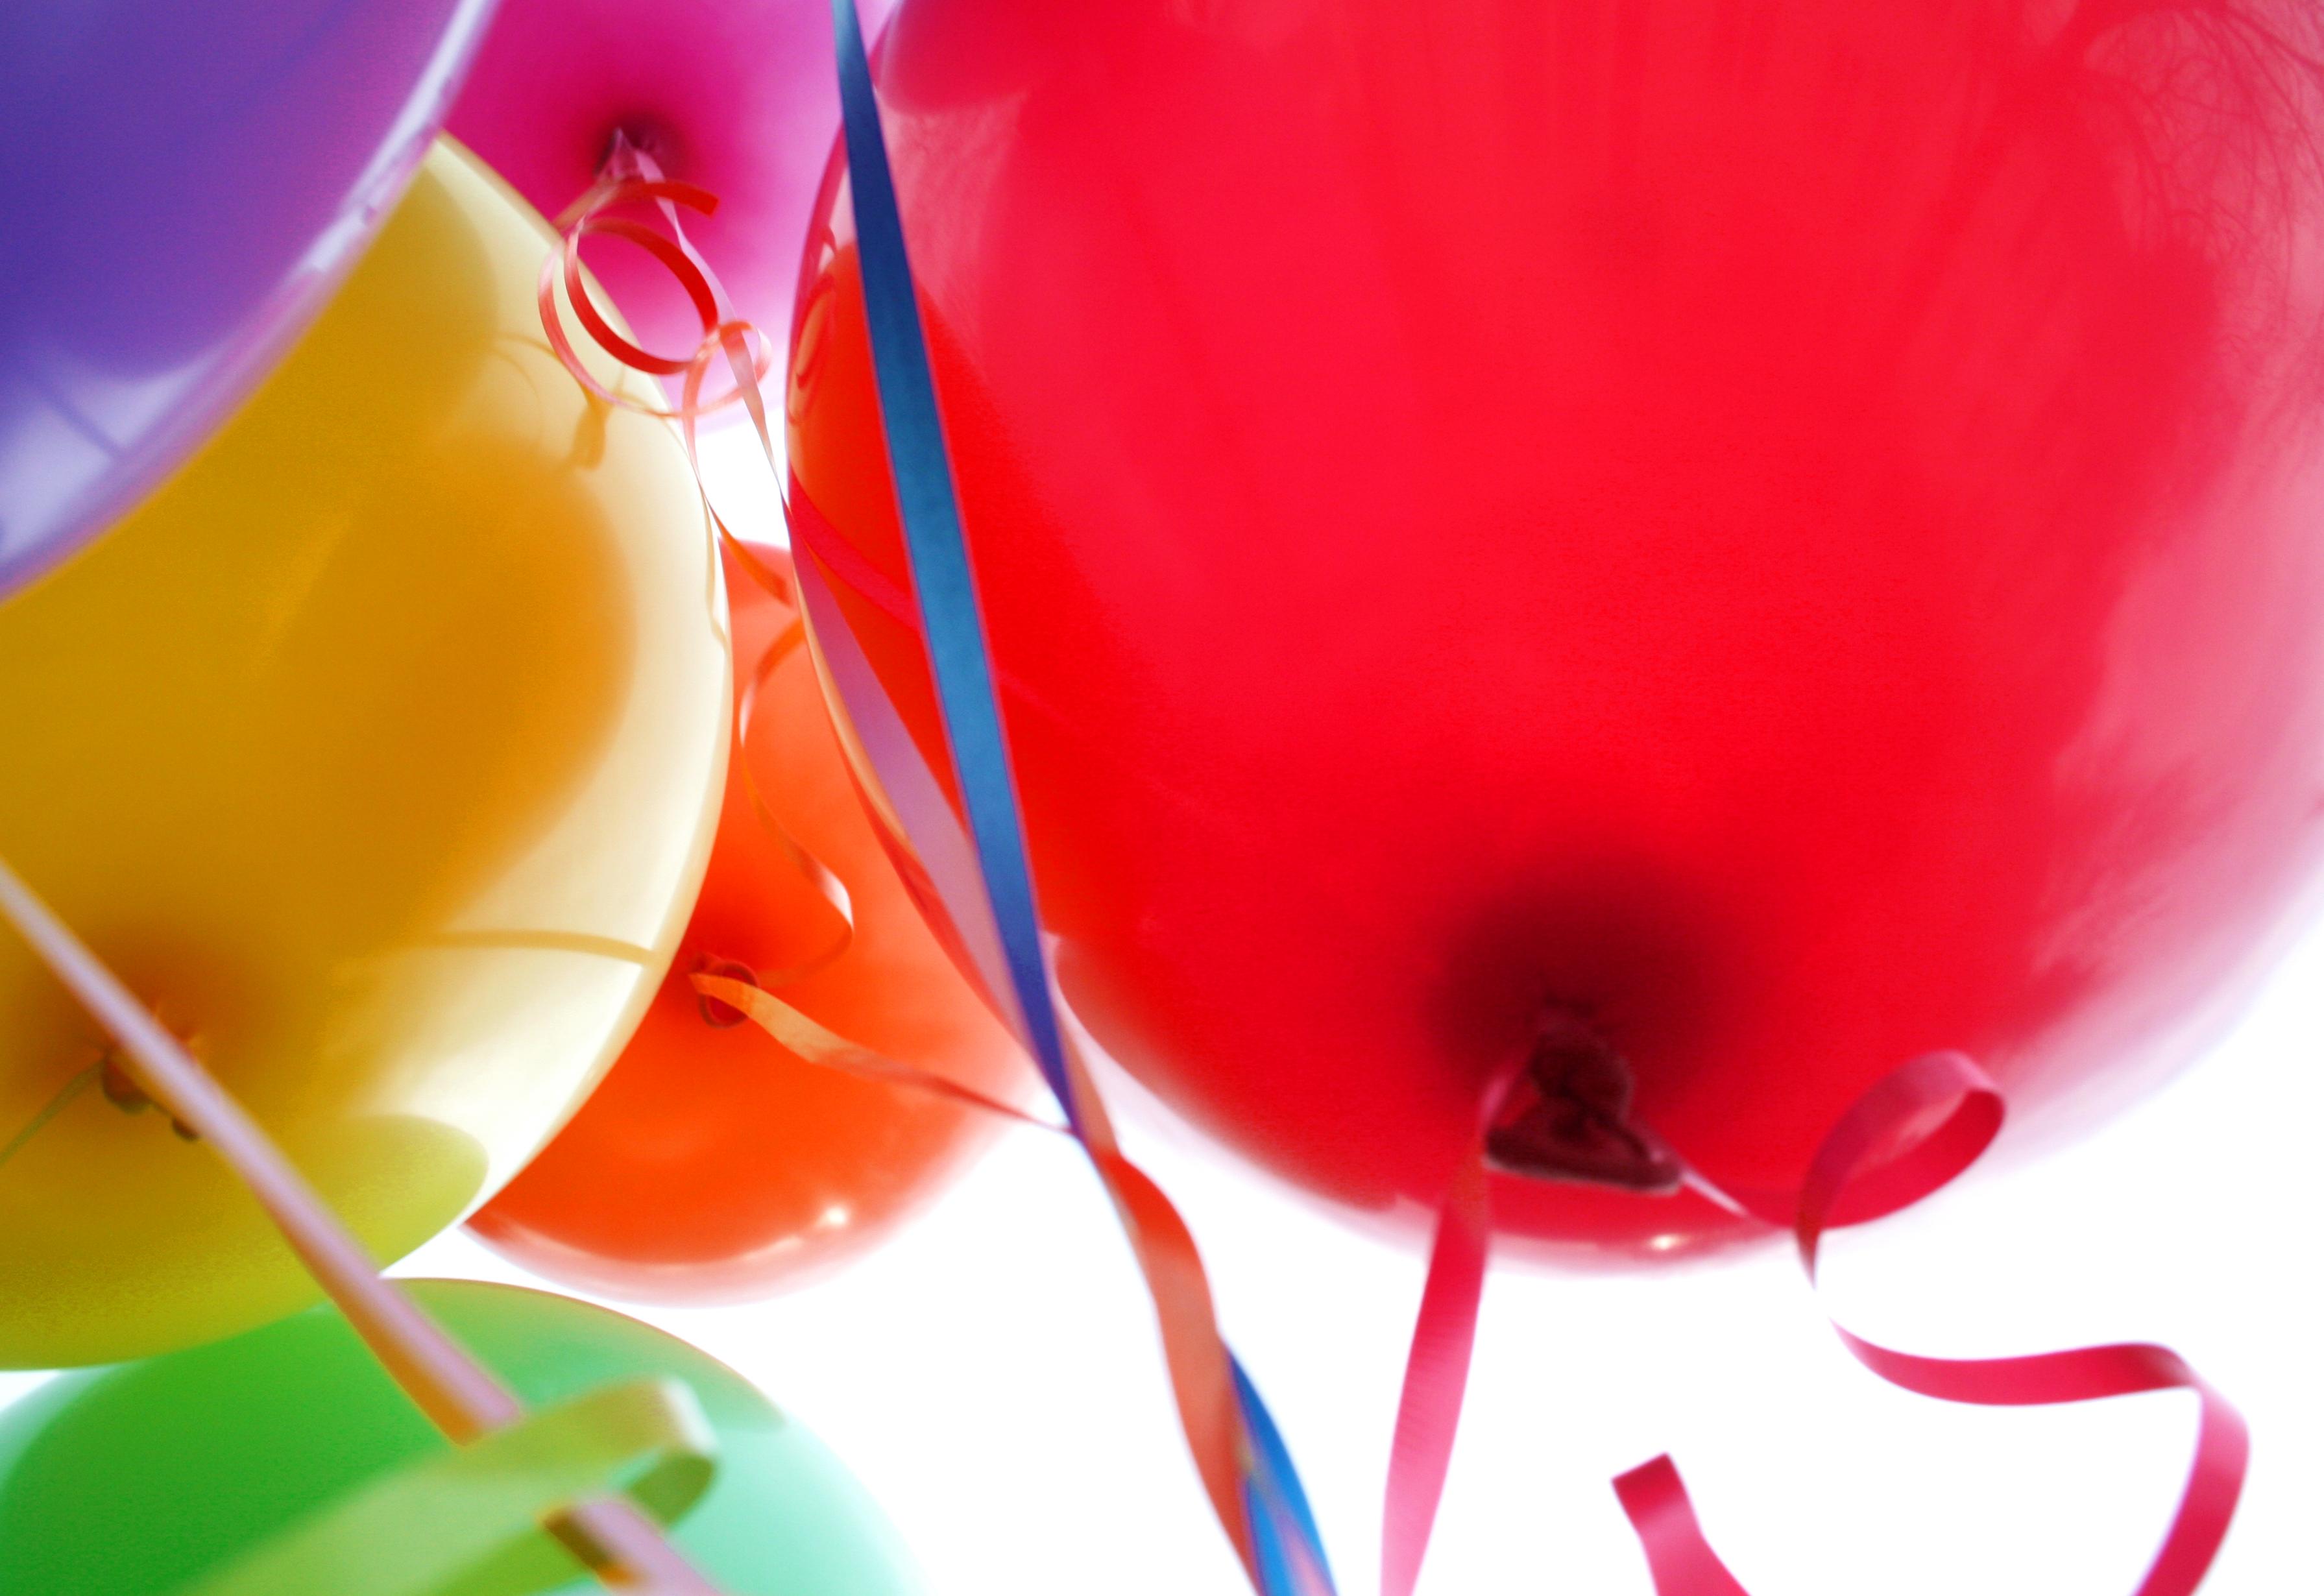 יום העצמאות - גם מסורת משמחת וגם חידושים כיפיים